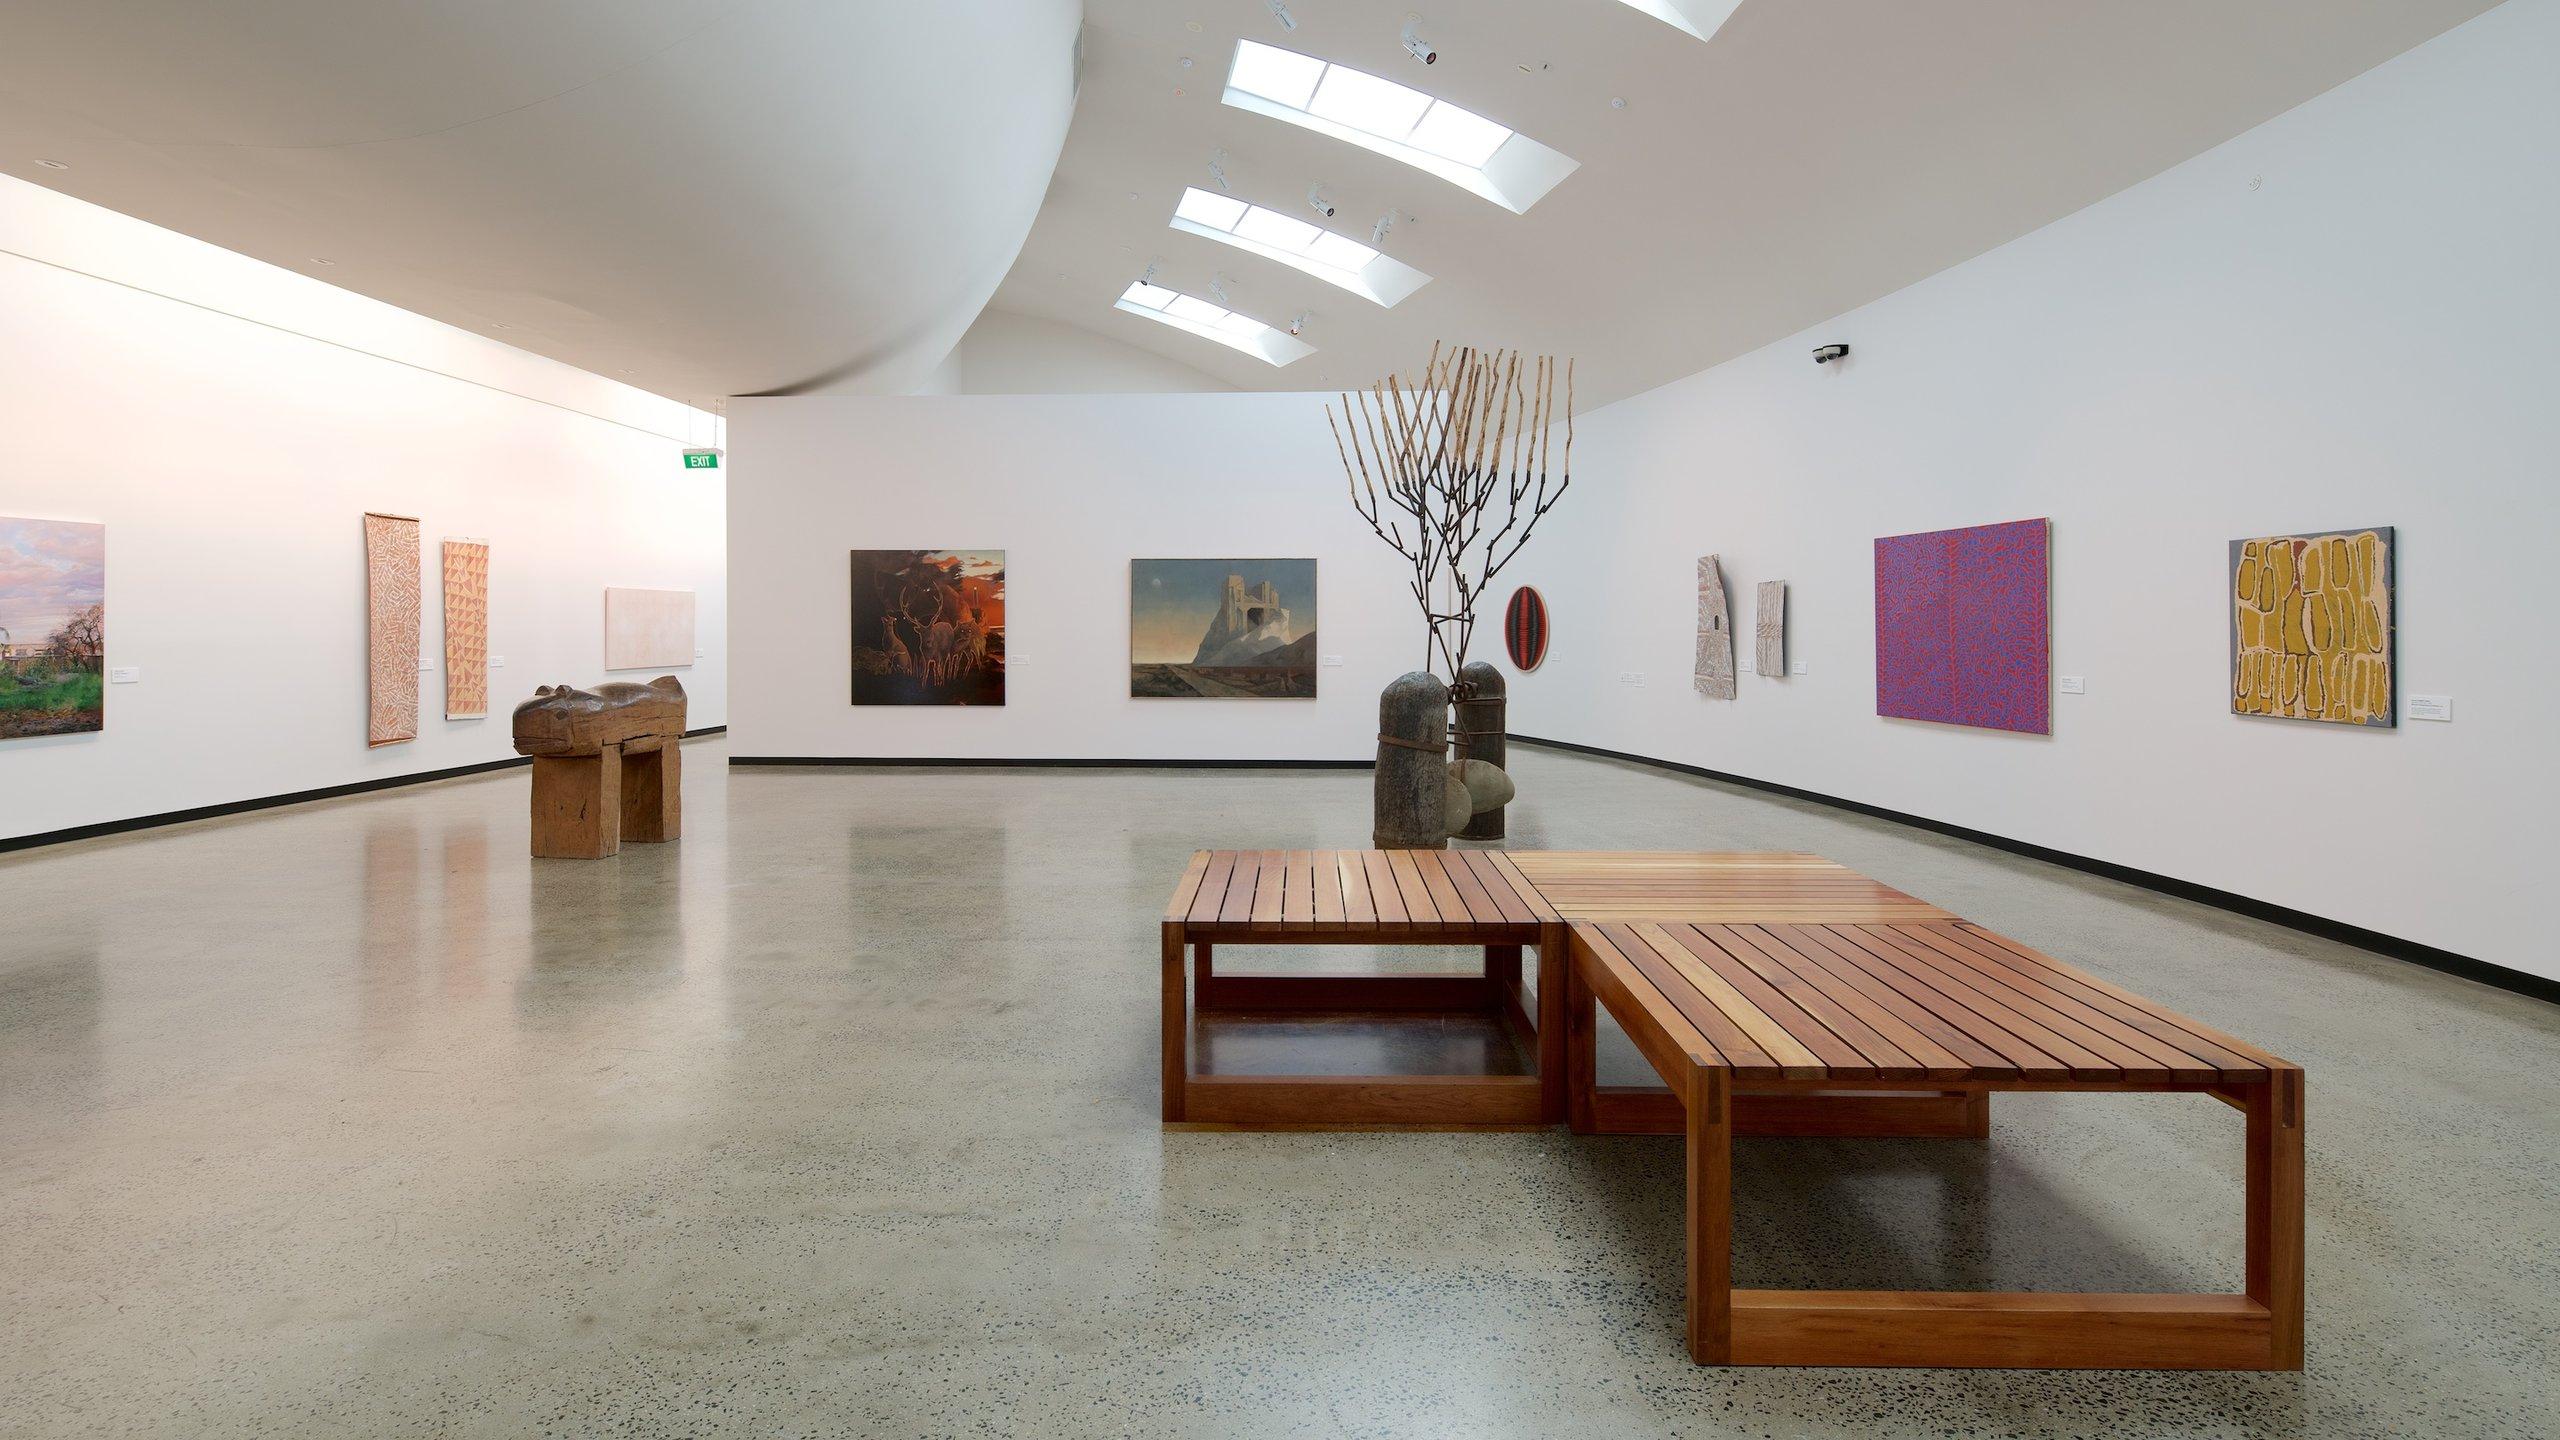 Art Gallery of Ballarat, Ballarat, Victoria, Australia